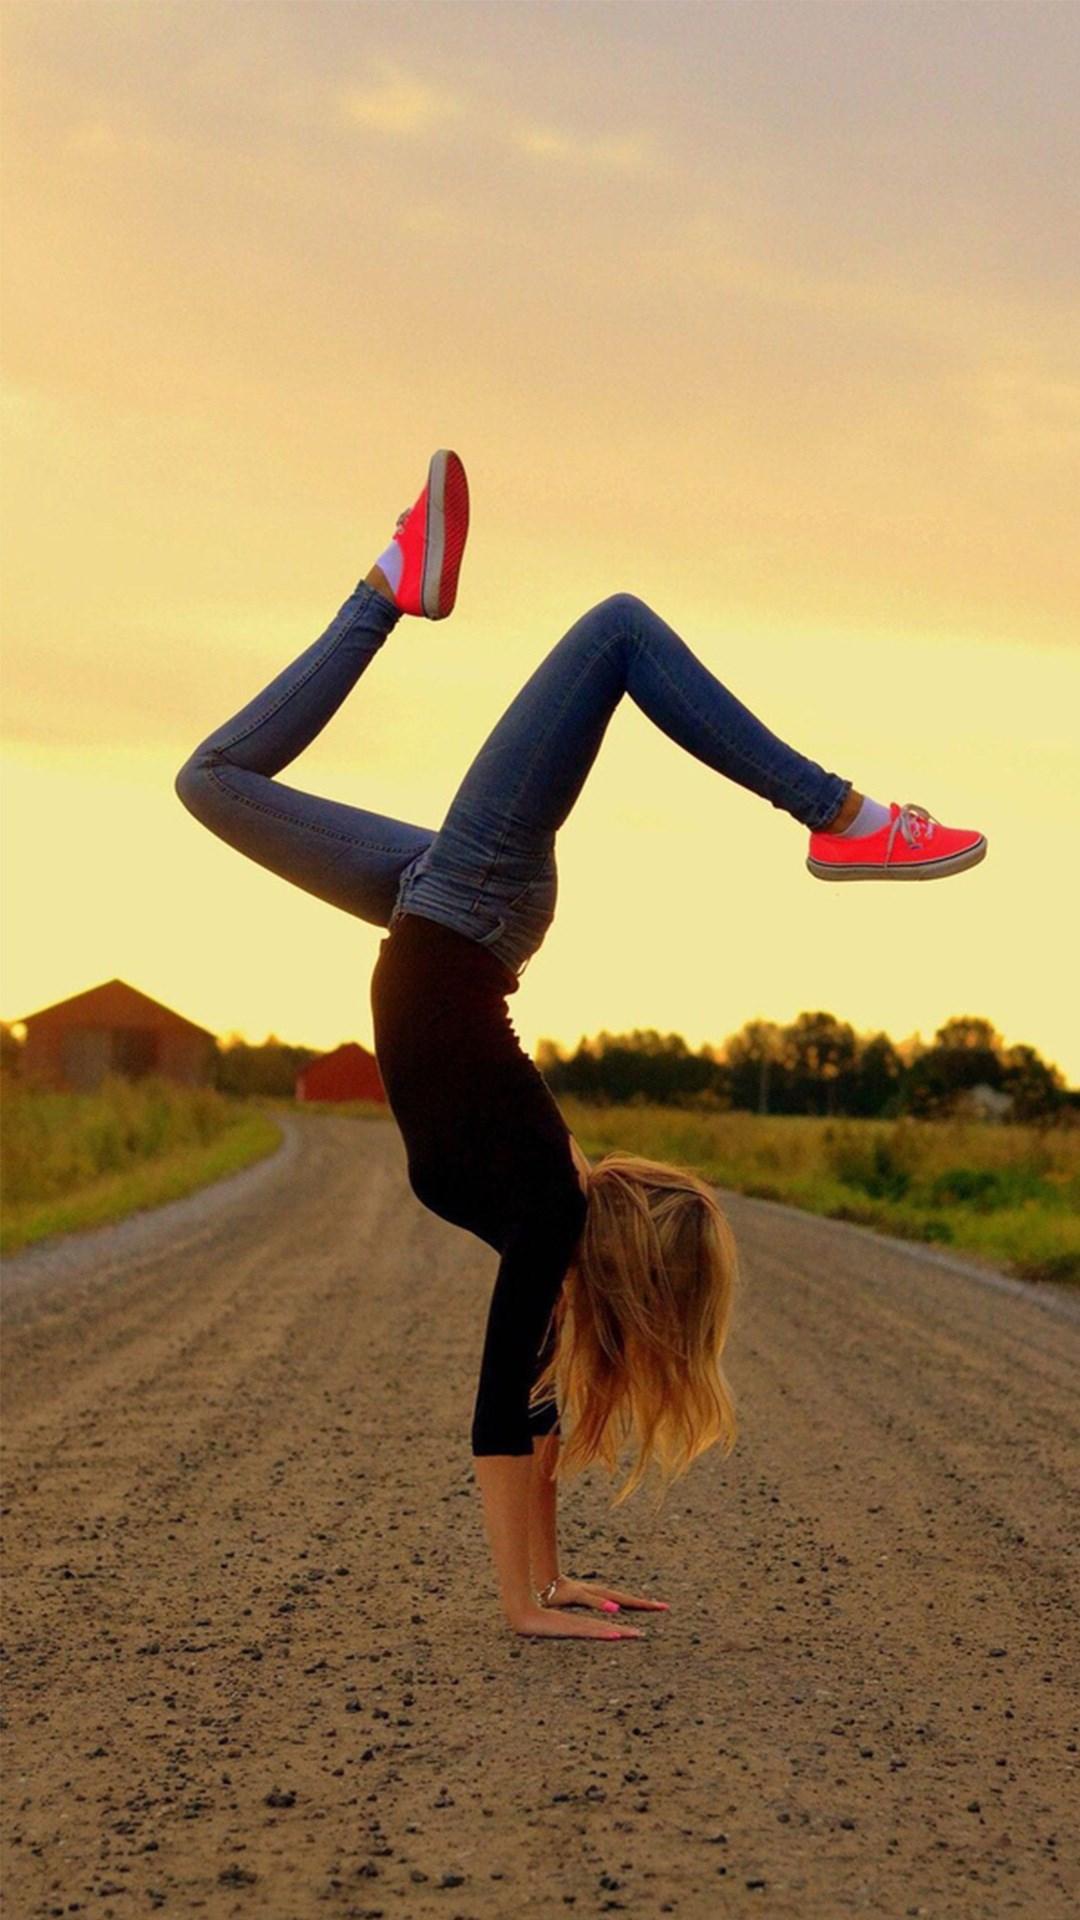 Фото на аву в вк для девочек 11 лет крутые со спины